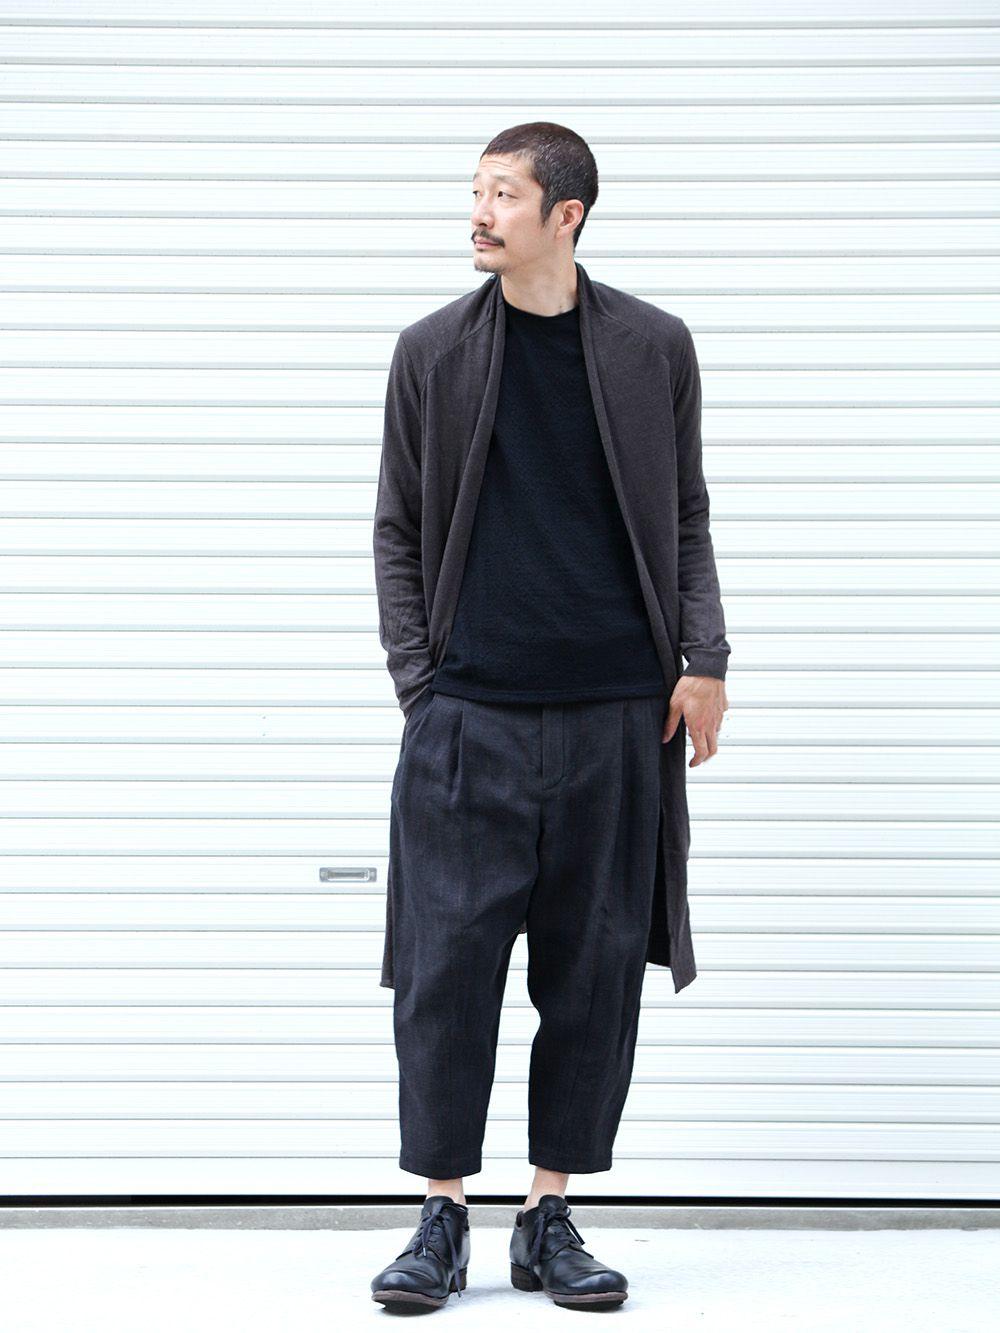 DEVOA 19-20AW wool x alpaca jersey Cardigan Style - 4-001